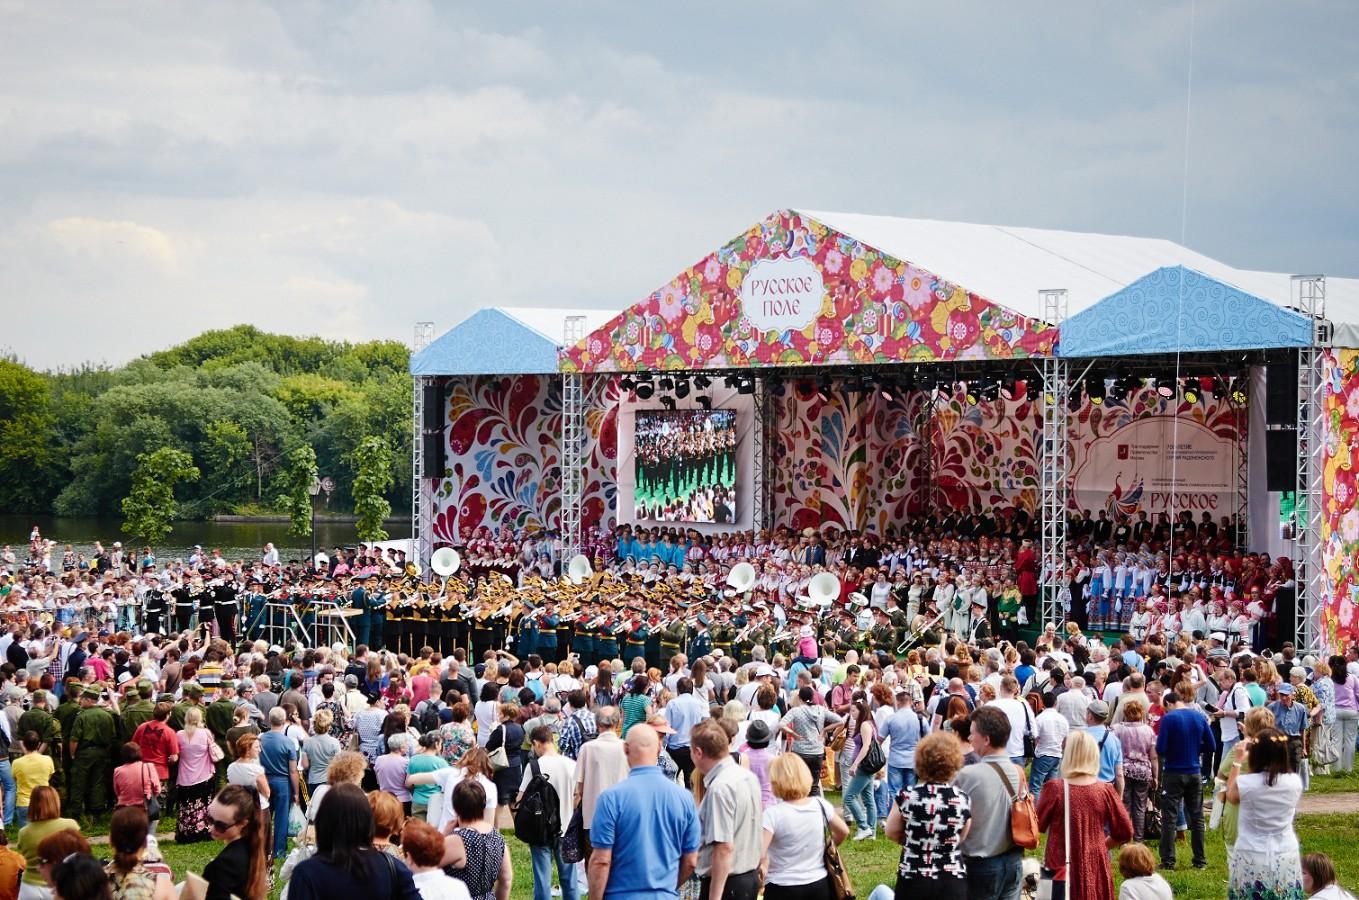 Фестиваль славянского искусства «Русское поле» познакомит гостей с особенностями и традициями российской культуры